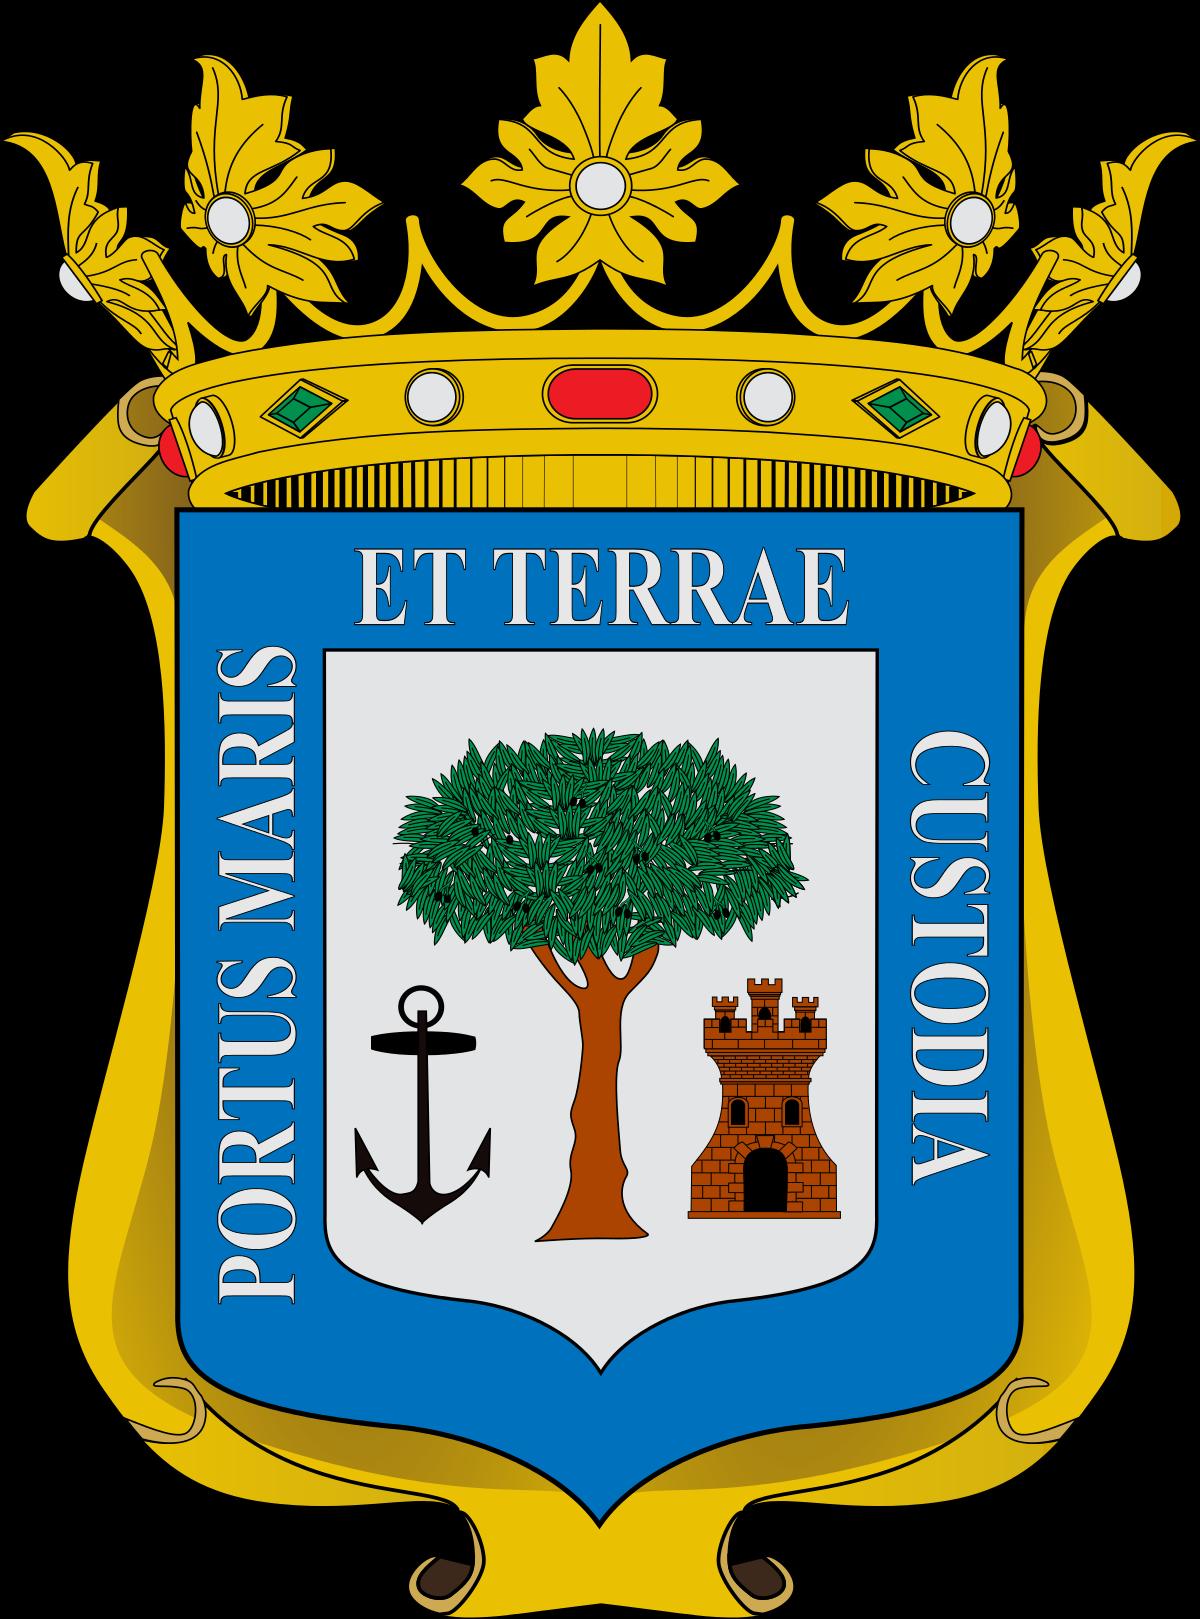 Huelva (Stadt).